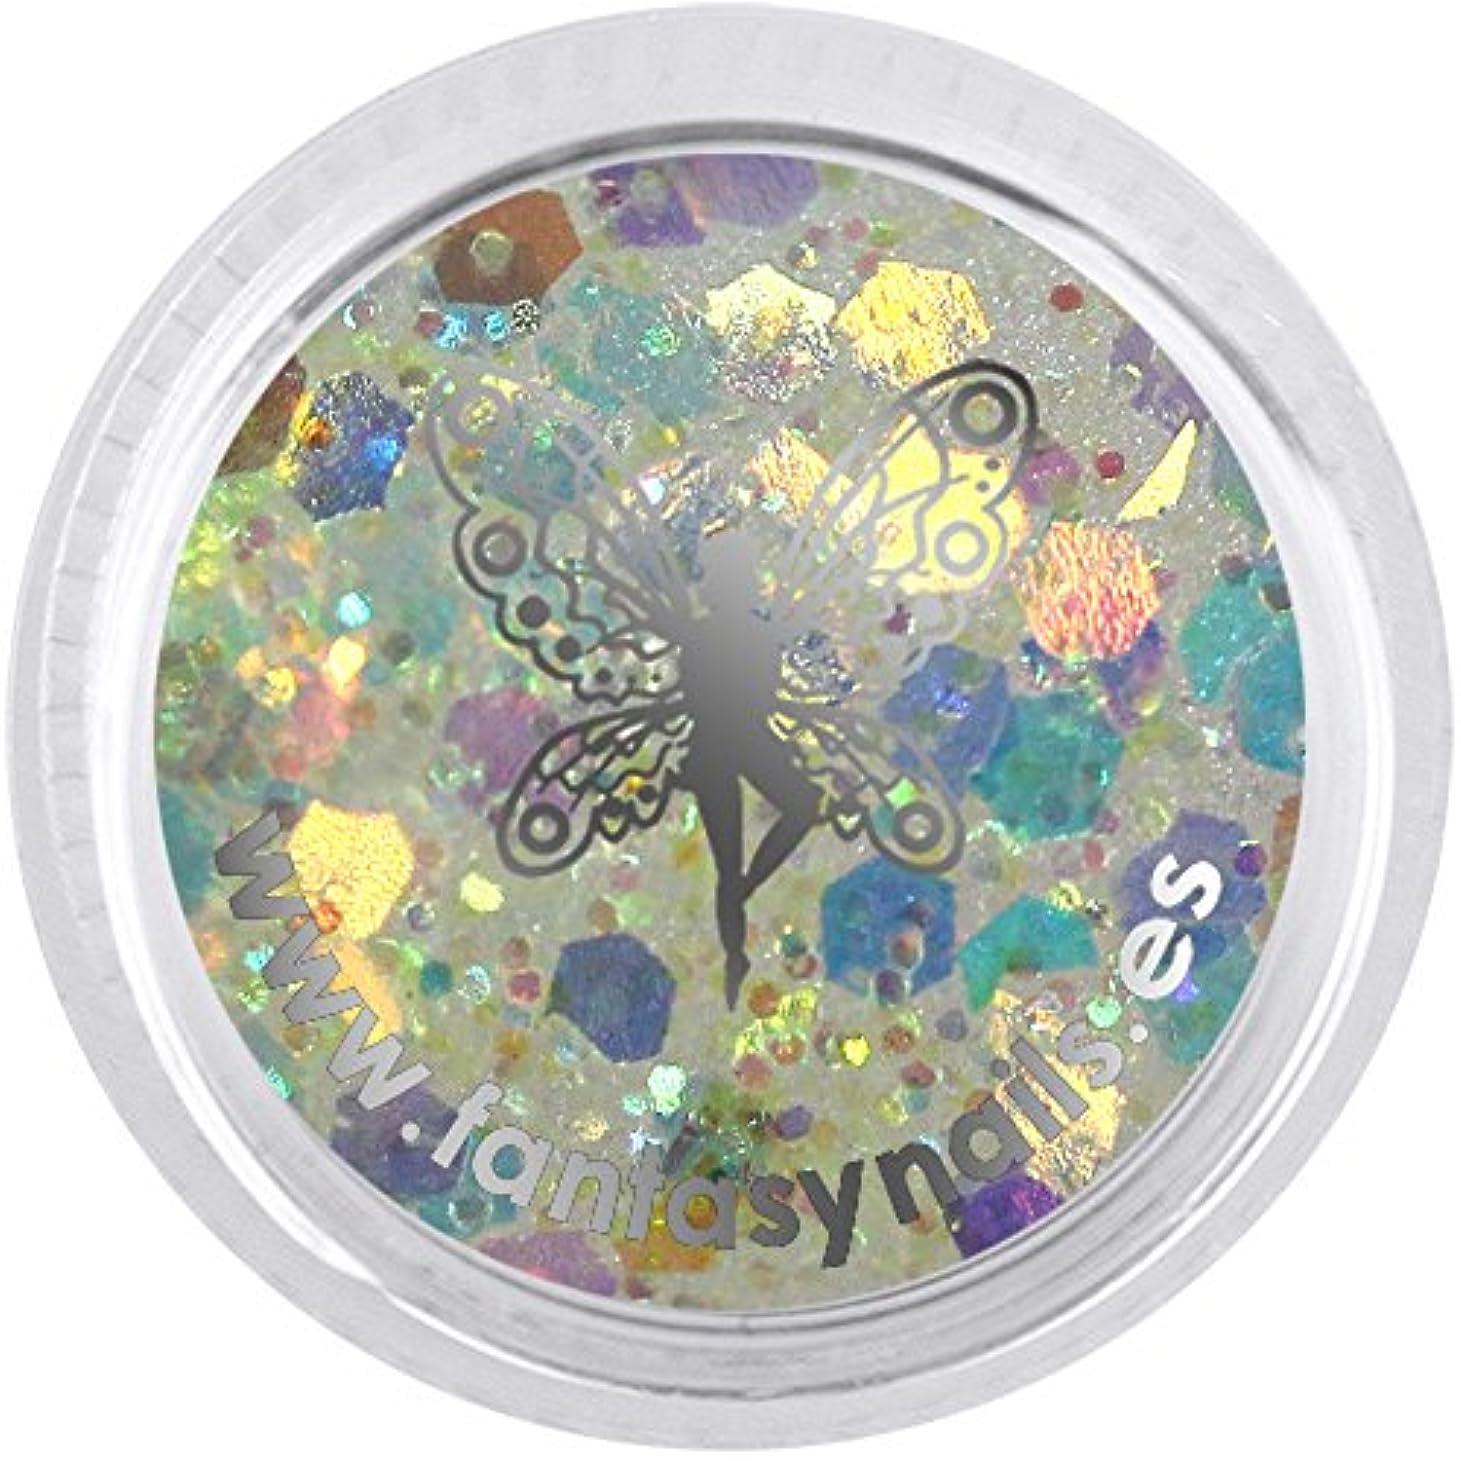 完璧な前投薬ご注意FANTASY NAIL トウキョウコレクション 3g 4220XS カラーパウダー アート材